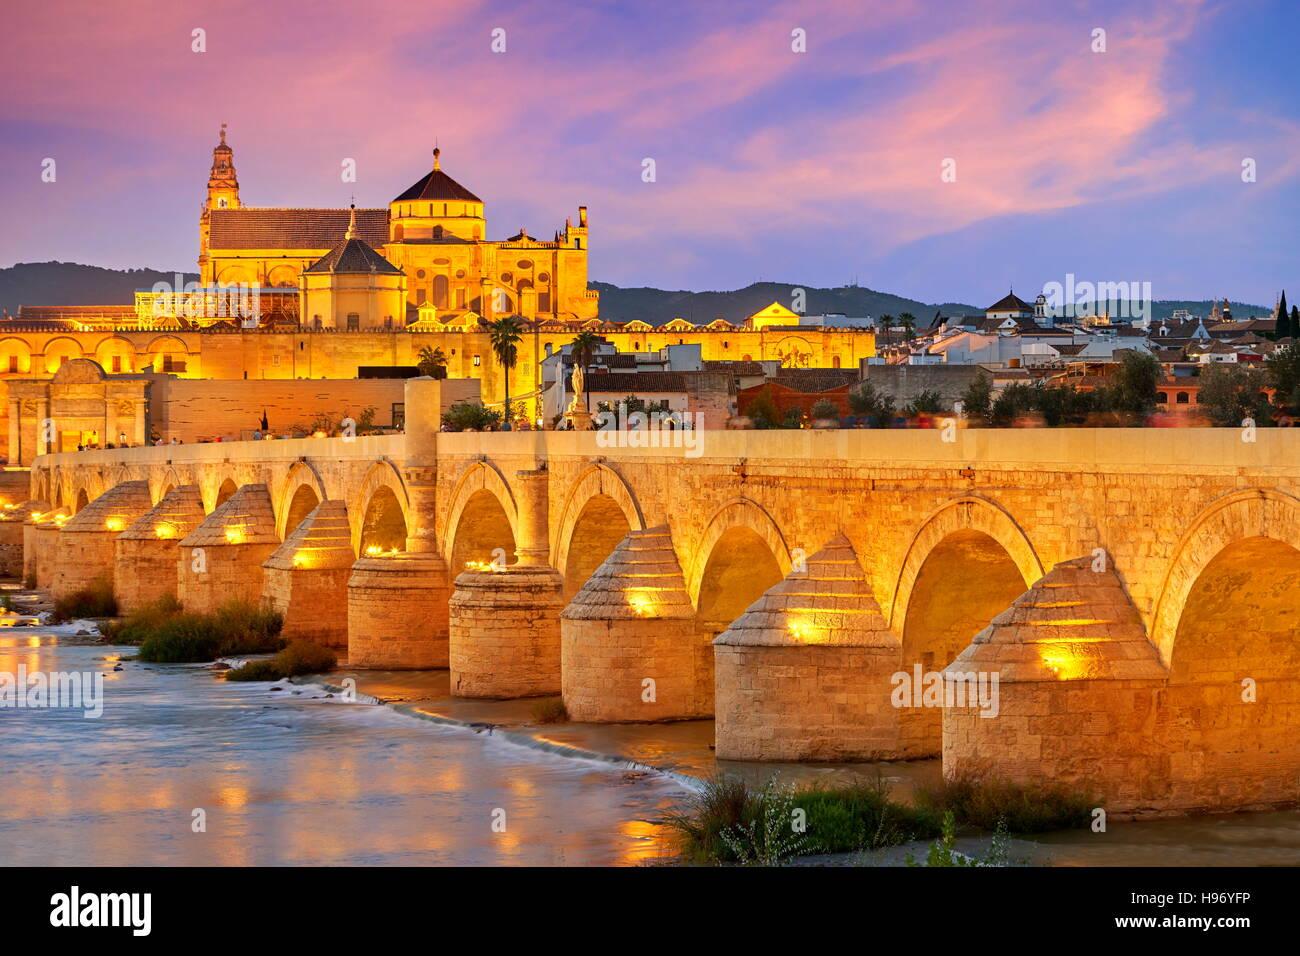 España - Puente Romano y la Mezquita de Córdoba, Andalucía, Córdoba Imagen De Stock